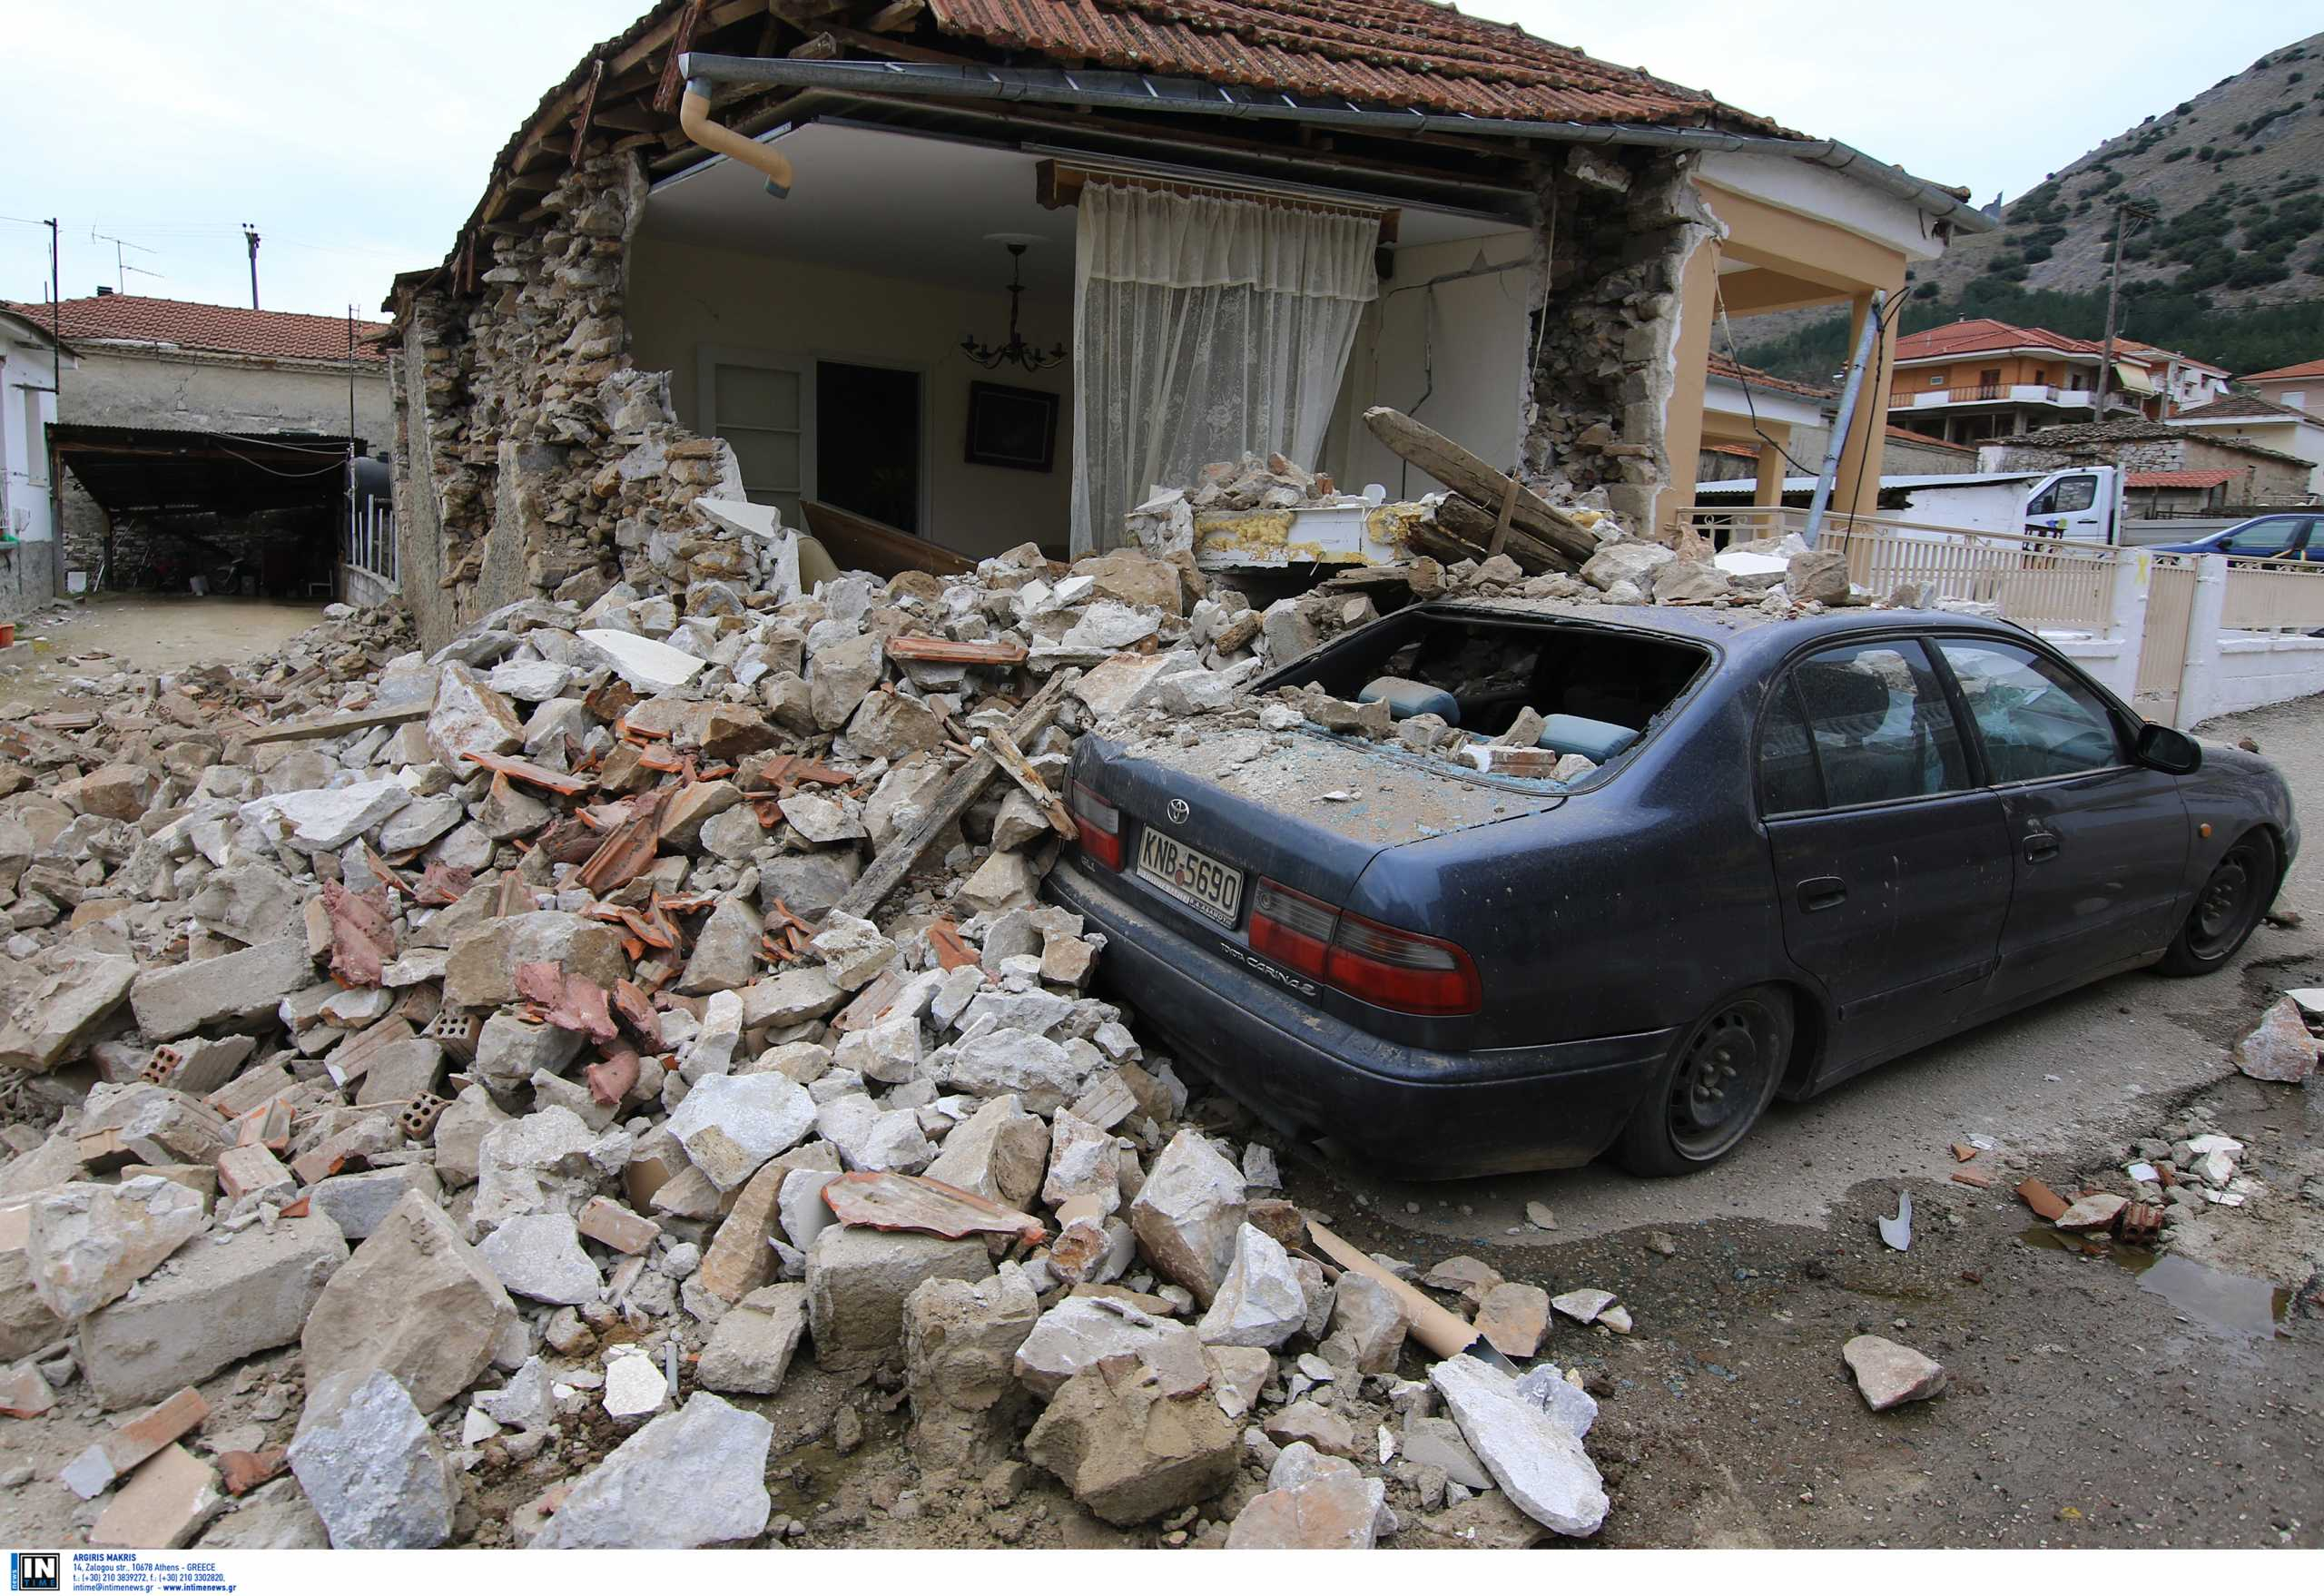 Λέκκας: Έτσι γλίτωσαν τραυματισμούς από το σεισμό μαθητές και καθηγητές στη Θεσσαλία